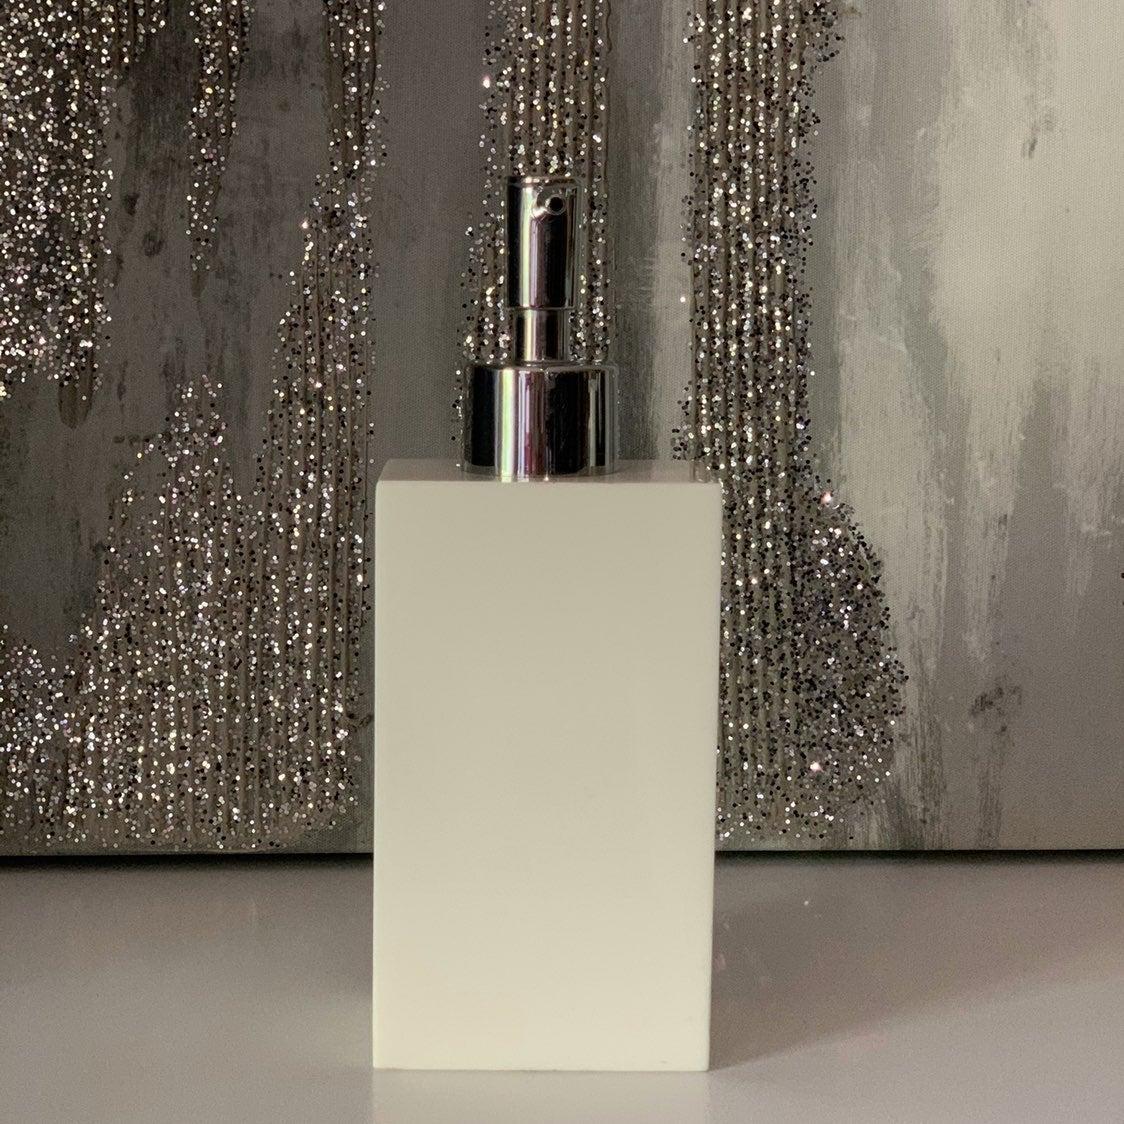 HOME DECOR White Modern Soap Dispenser